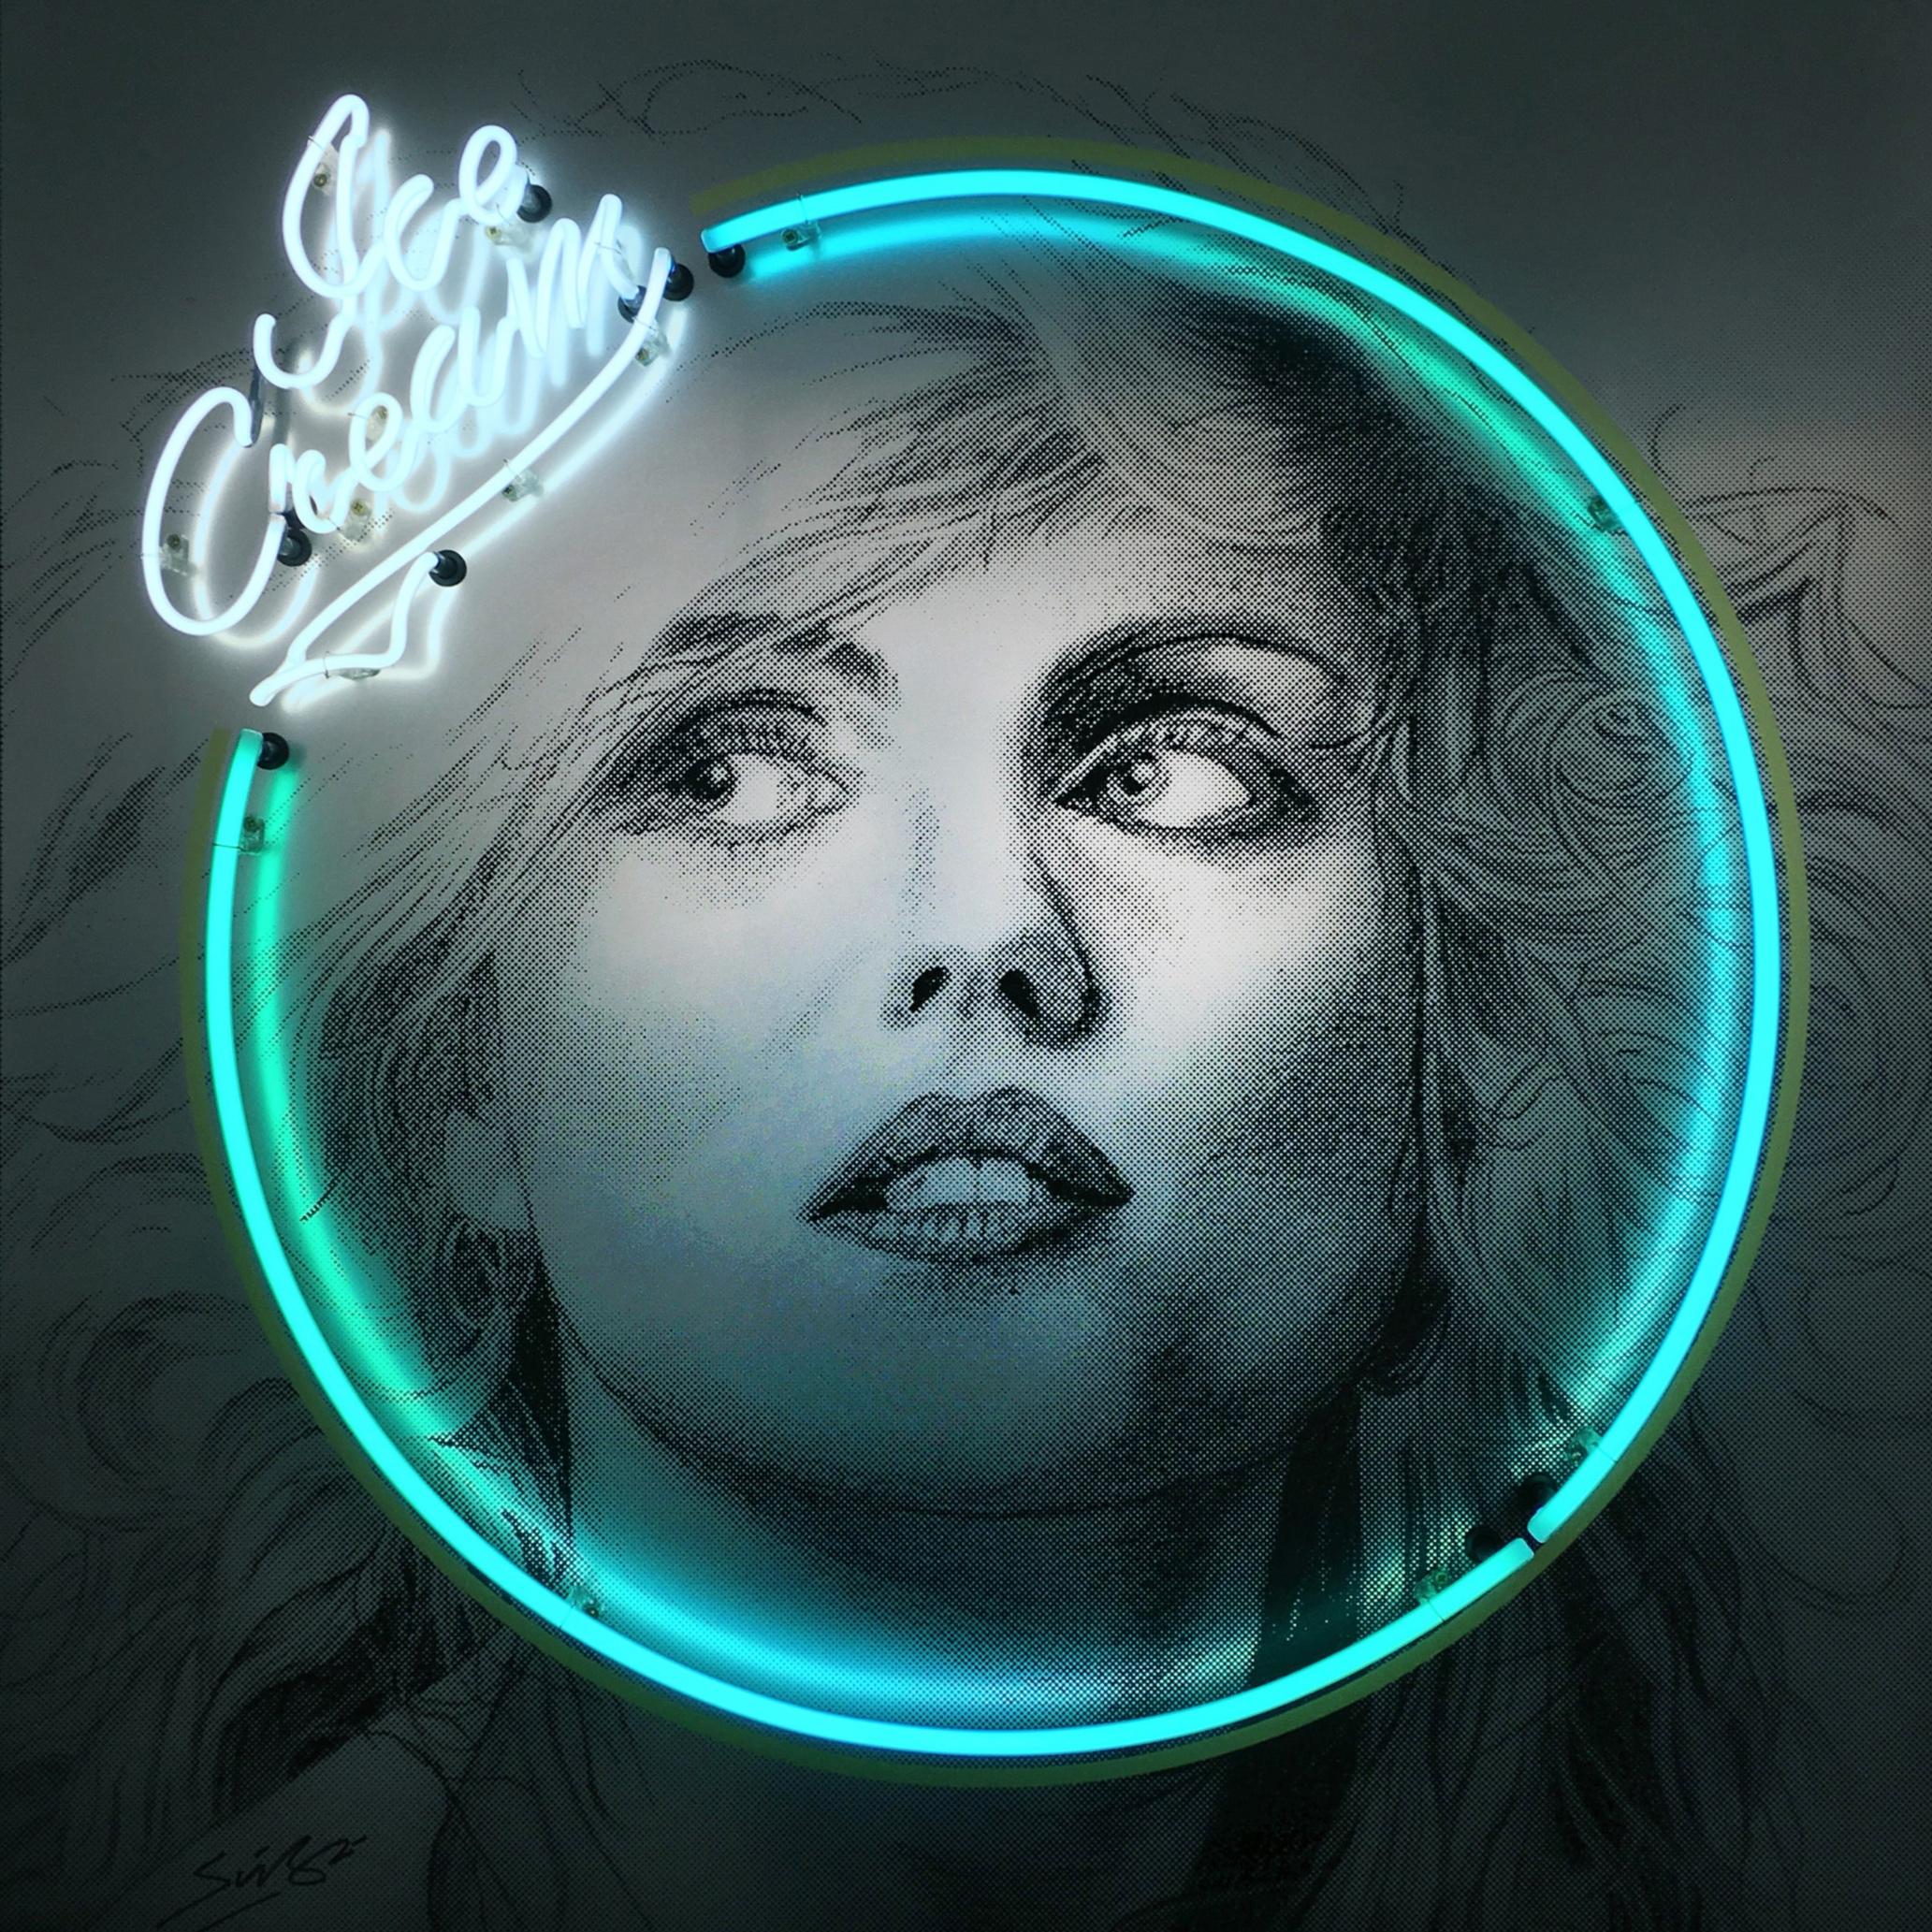 Neon art originals. -